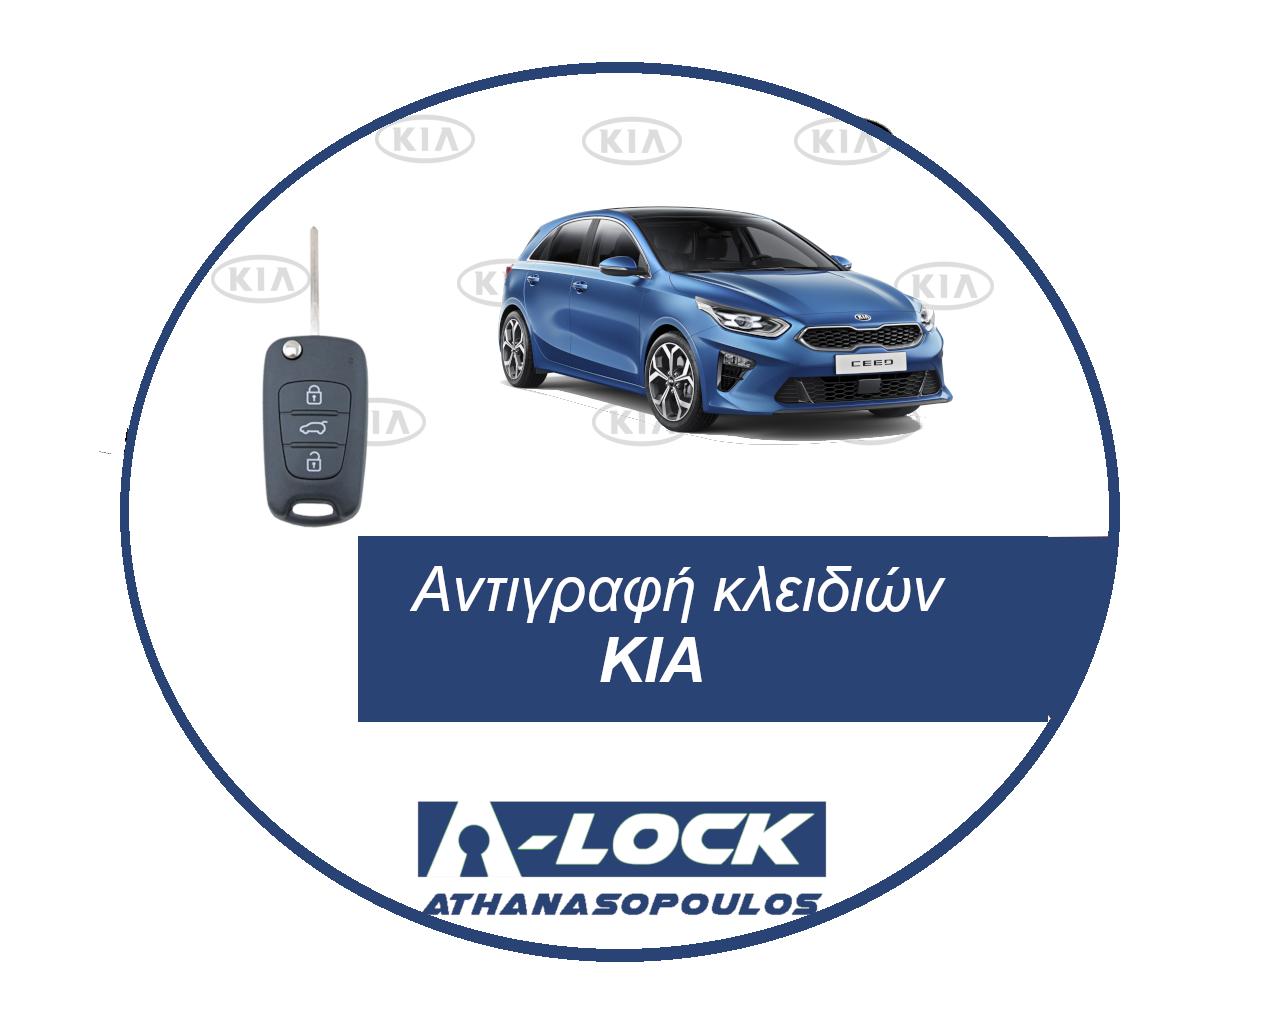 Αντιγραφές Κλειδιών Immobilizer Αυτοκινήτου KIA - 24 Ωρες Κλειδαράς Γαλάτσι A-Lock Αθανασόπουλος